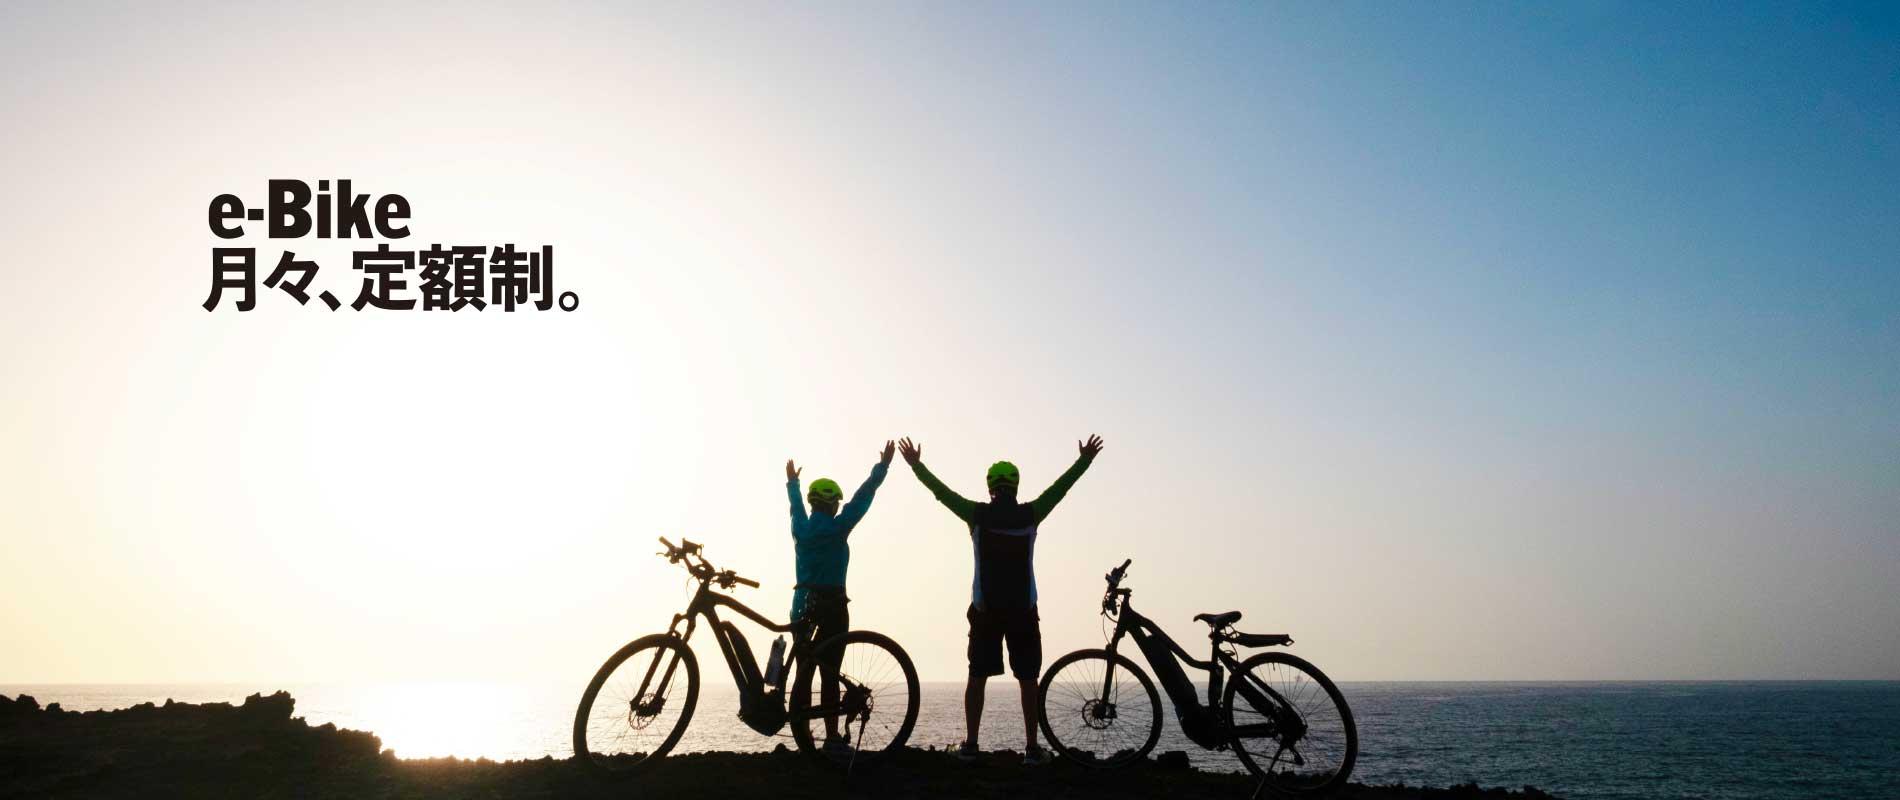 自治体・法人向けe-Bike導入月々定額リース「e-Bike RAKU RAKUプラン」